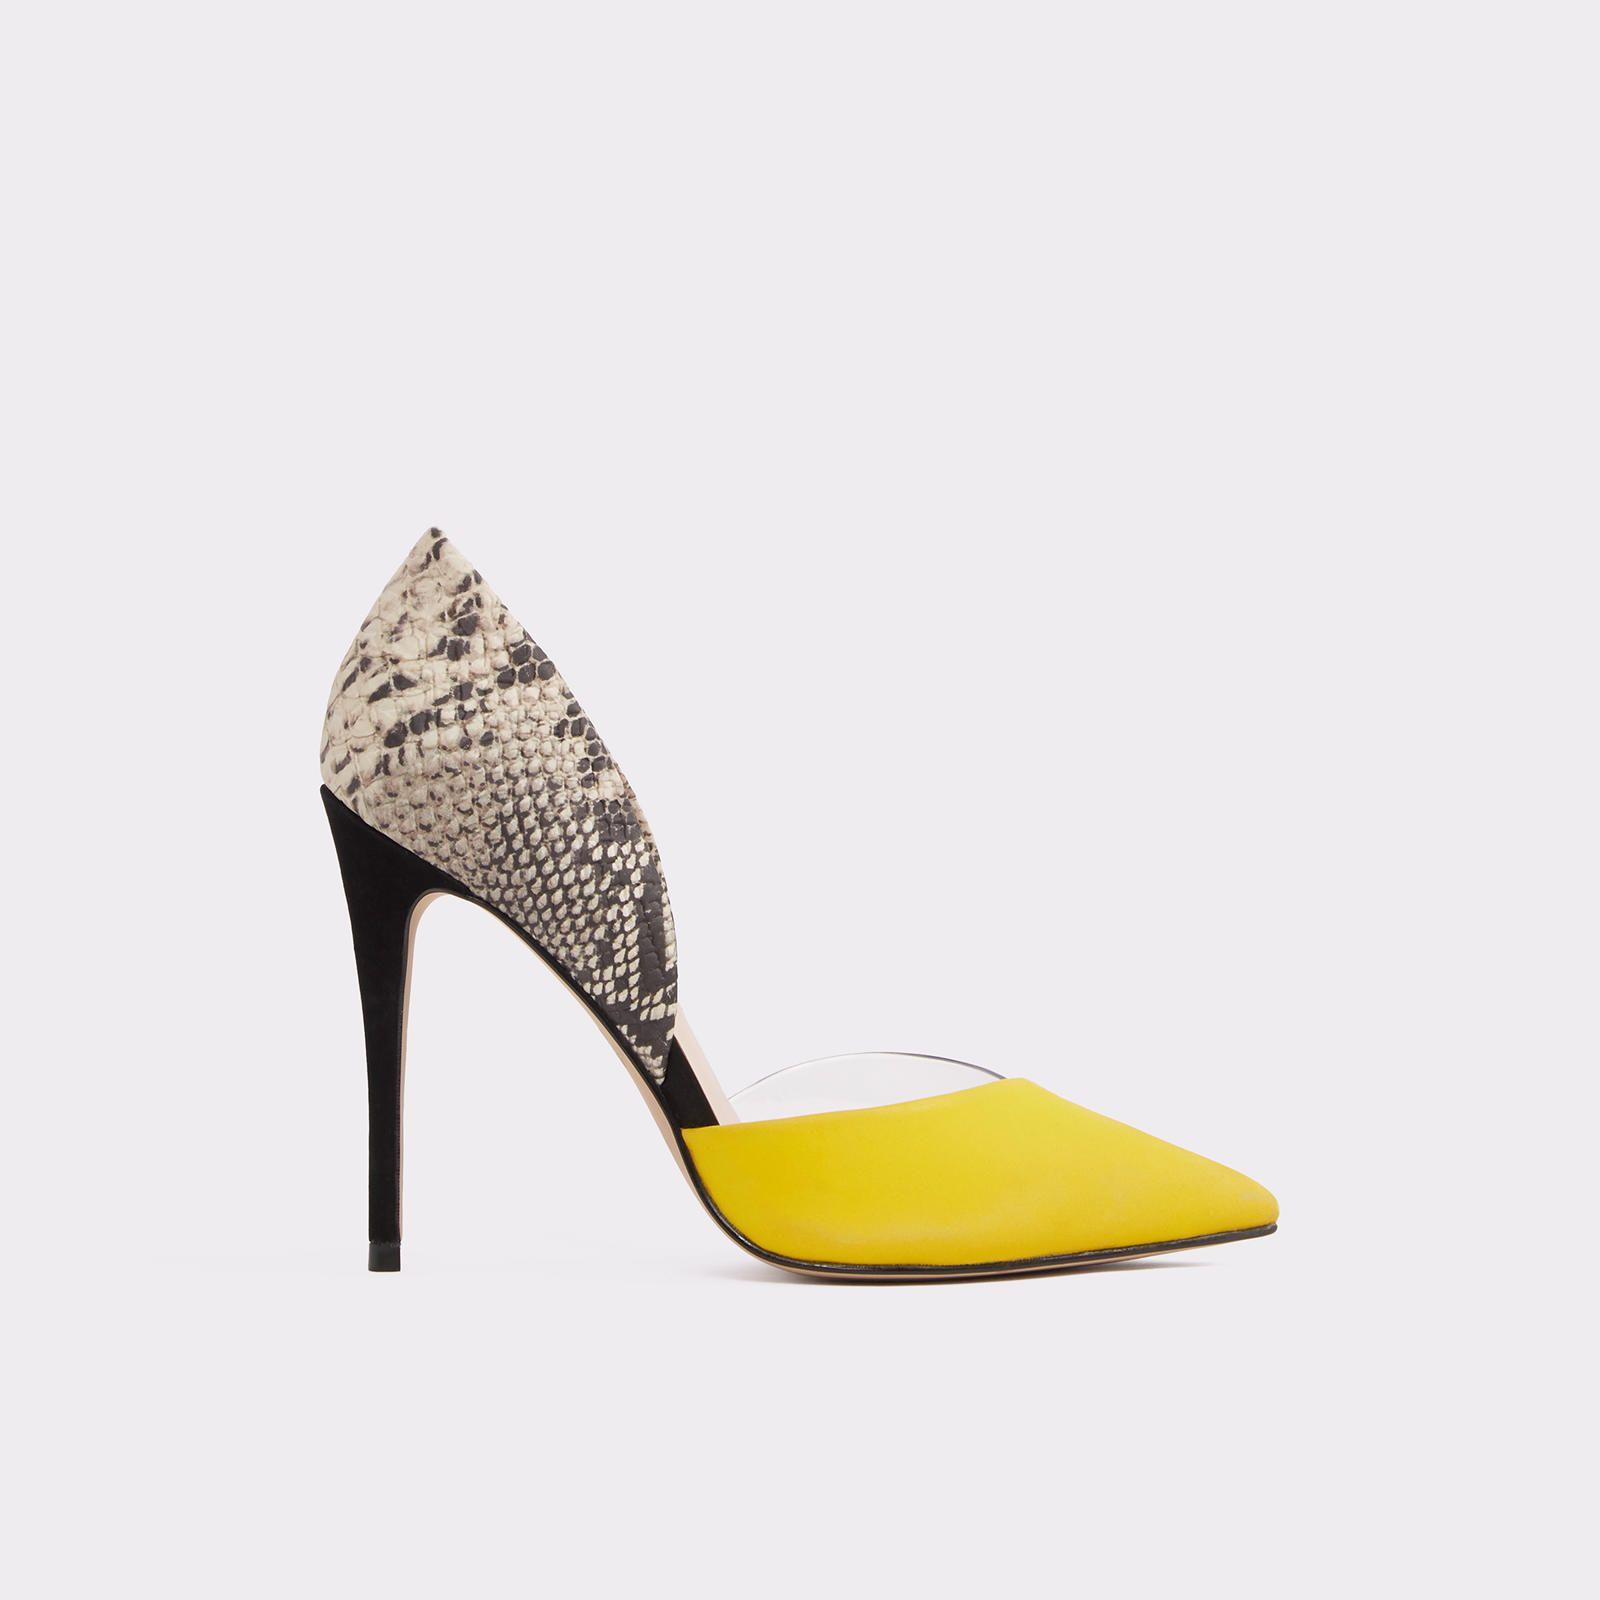 bec5288134c5 Legiralia Bone Nubuck Women s Heels